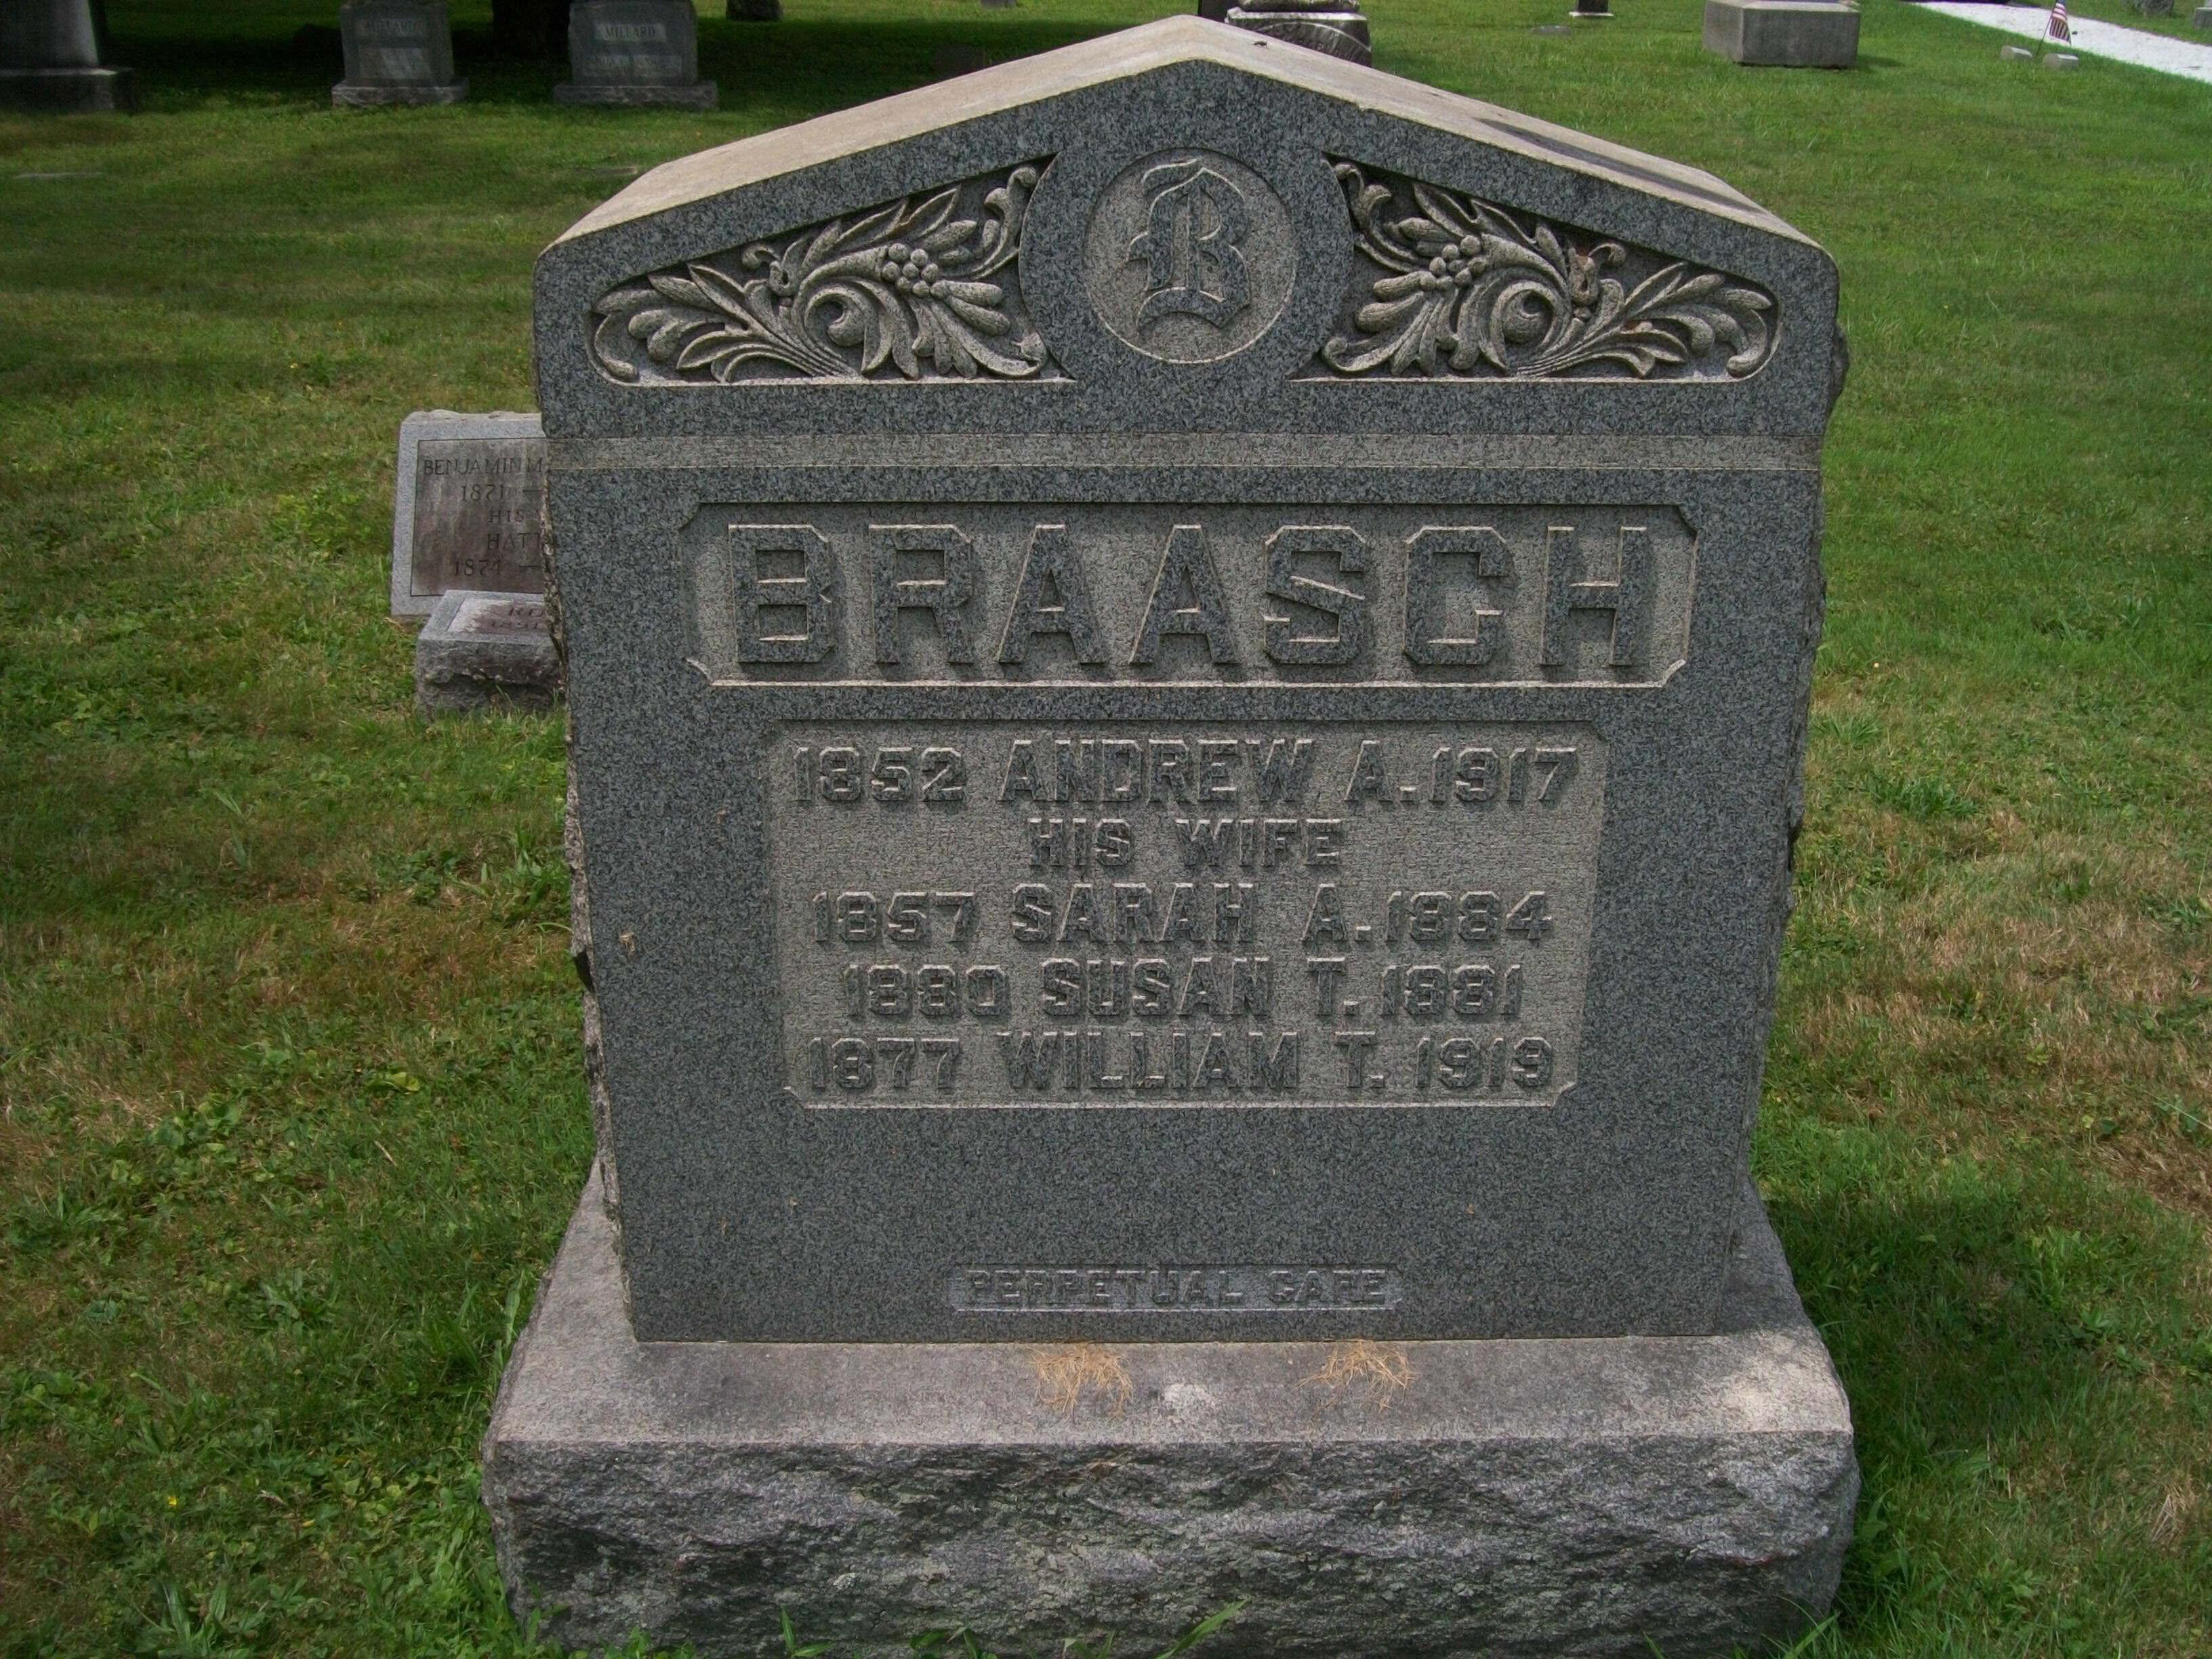 Susan T Braasch